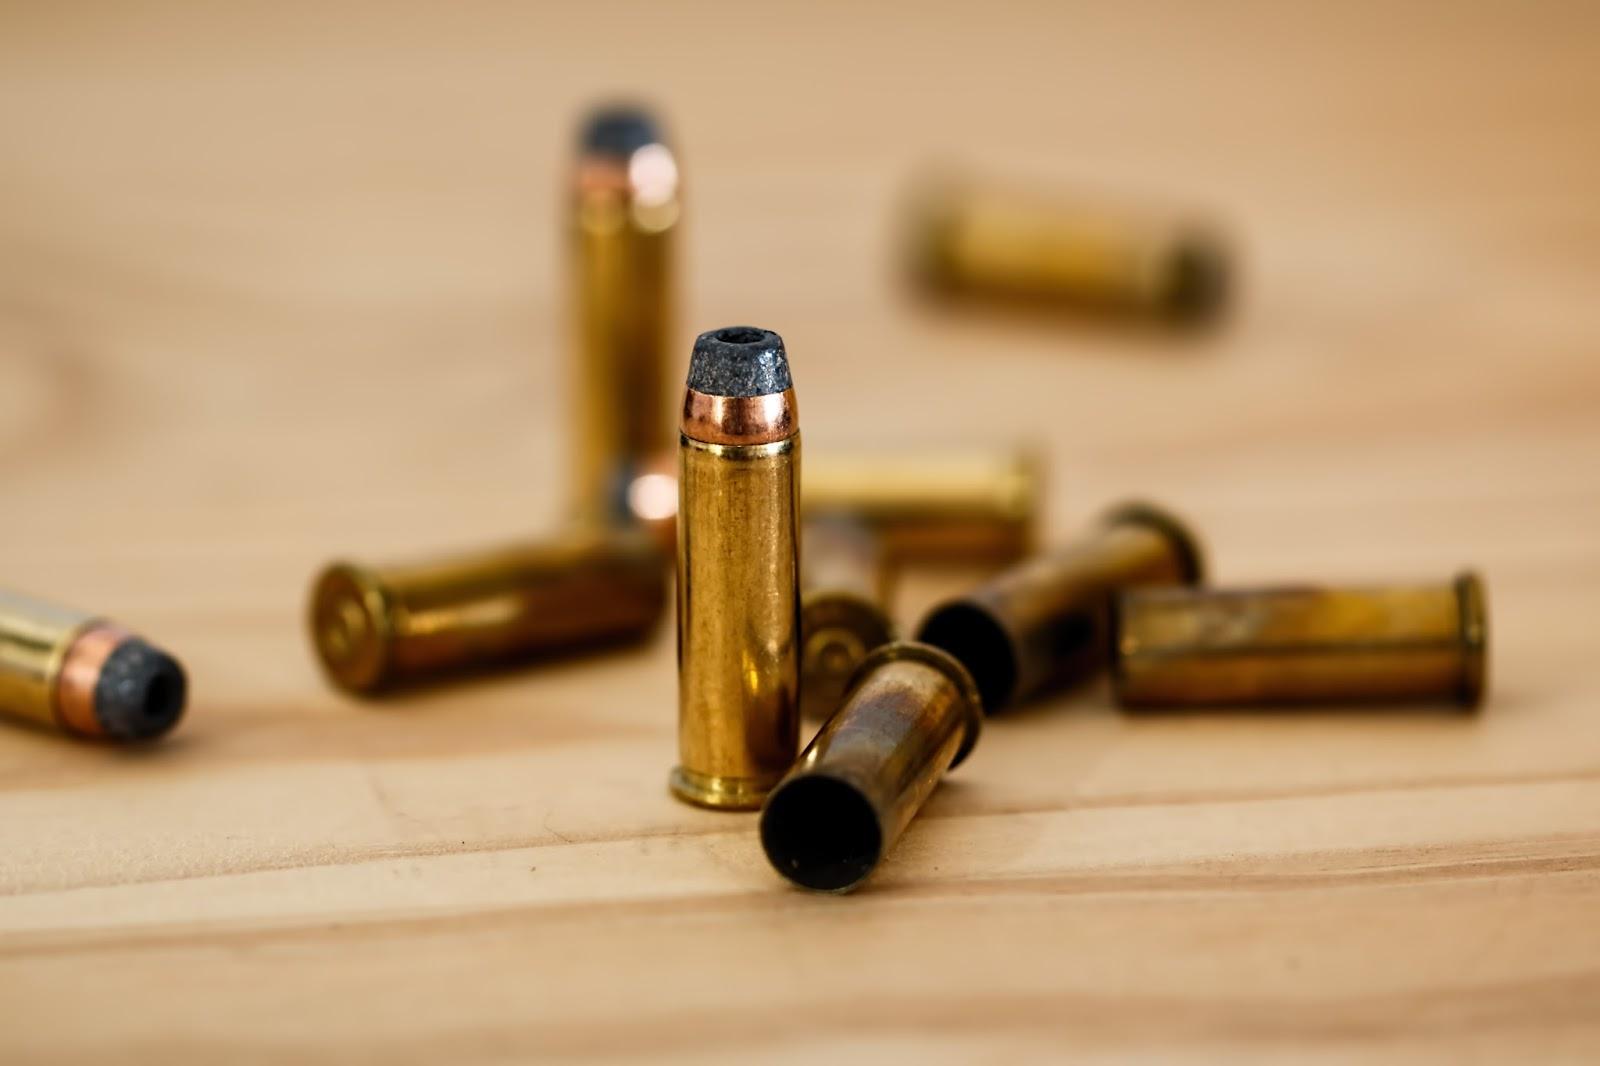 Nie dawaj dziennikarzowi pistoletu z ostrą amunicją